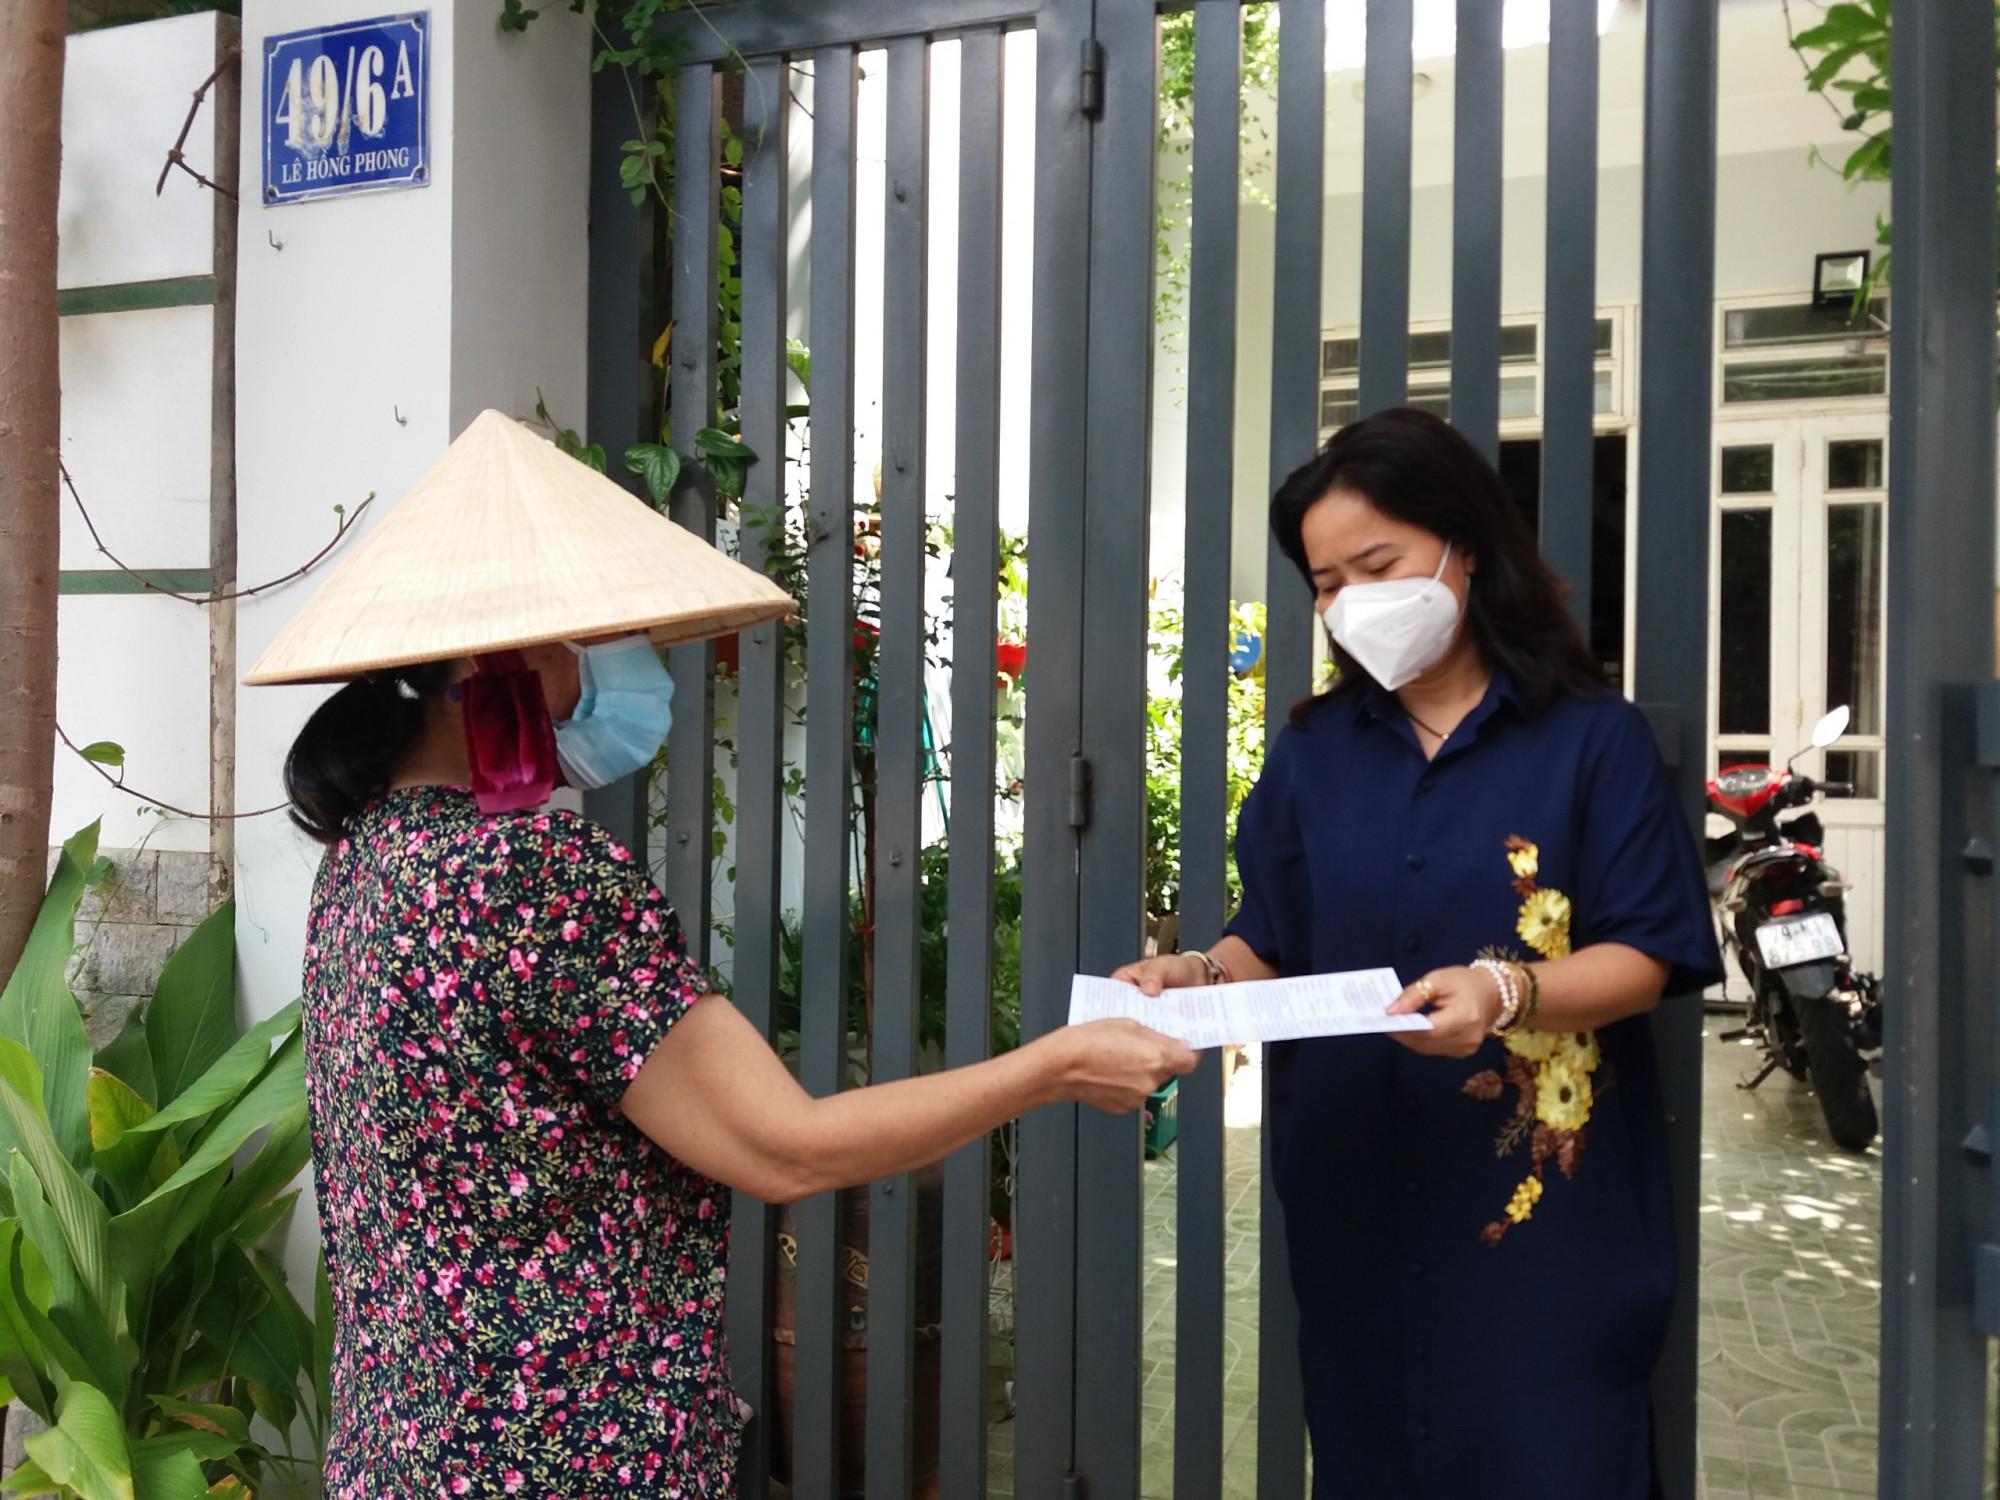 Bà Liên gõ cửa từng nhà để phát phiếu đi chợ cho người dân, đồng thời tuyên truyền người dân thực hiện các biện pháp phòng chống dịch